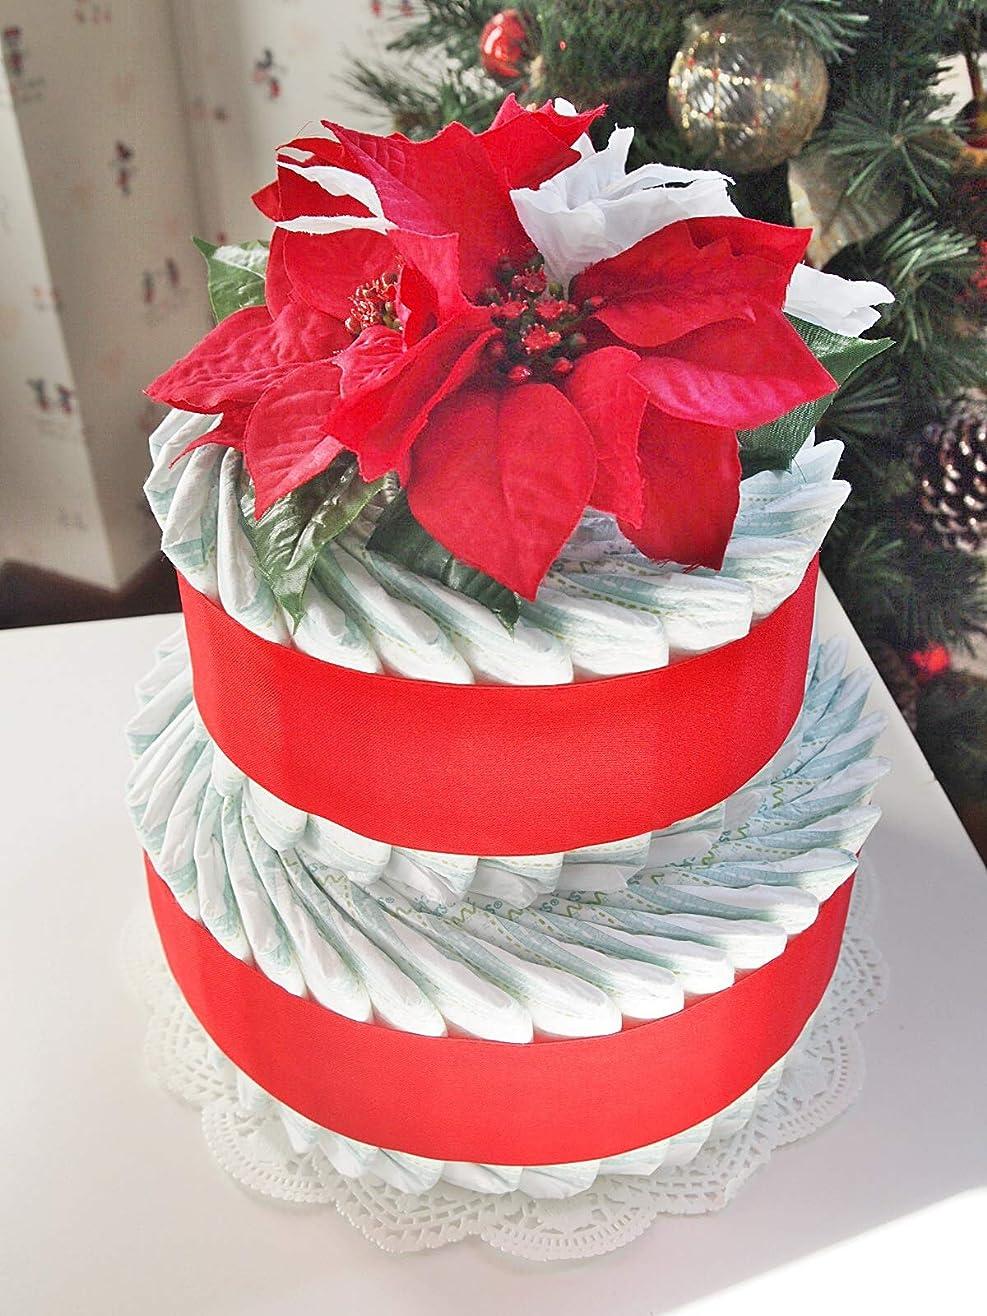 主導権火山学者突き刺すクリスマスおむつケーキ 出産祝いギフト ベビーギフト オムツケーキ クリスマスギフト 2ステップダイパーケーキ クリスマス?レッド (パンパースSサイズ(4-8kg))